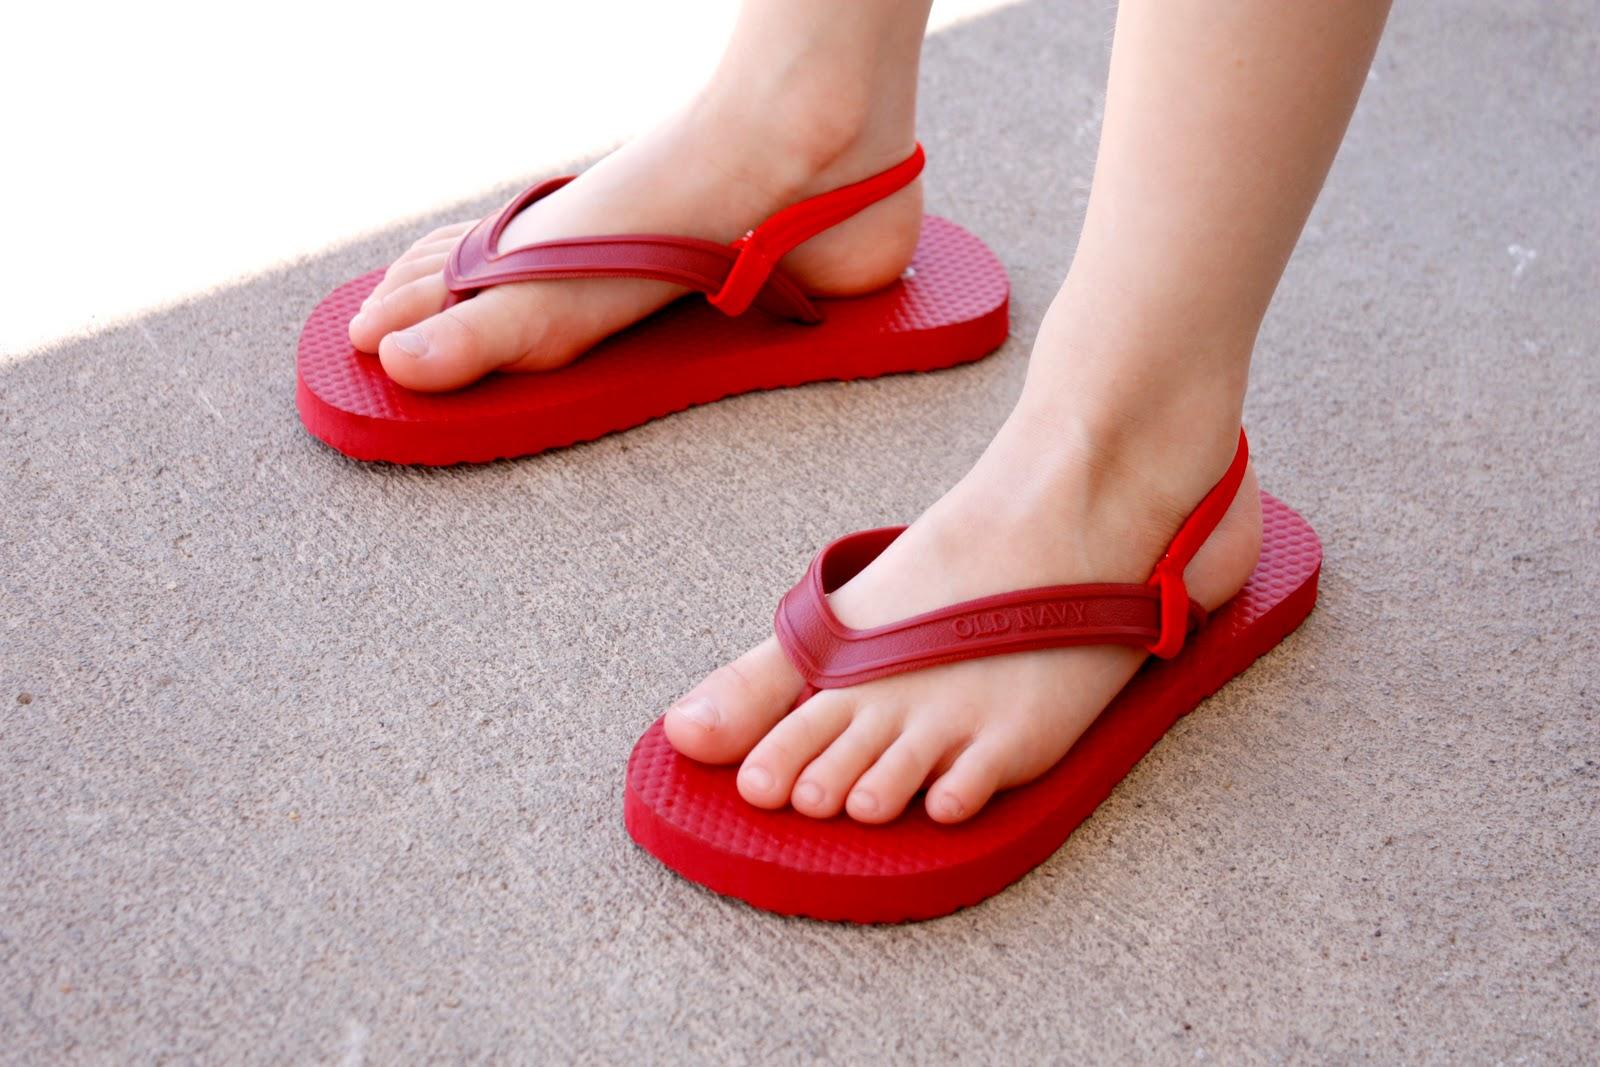 563a17beb96181 Flip Flop Straps